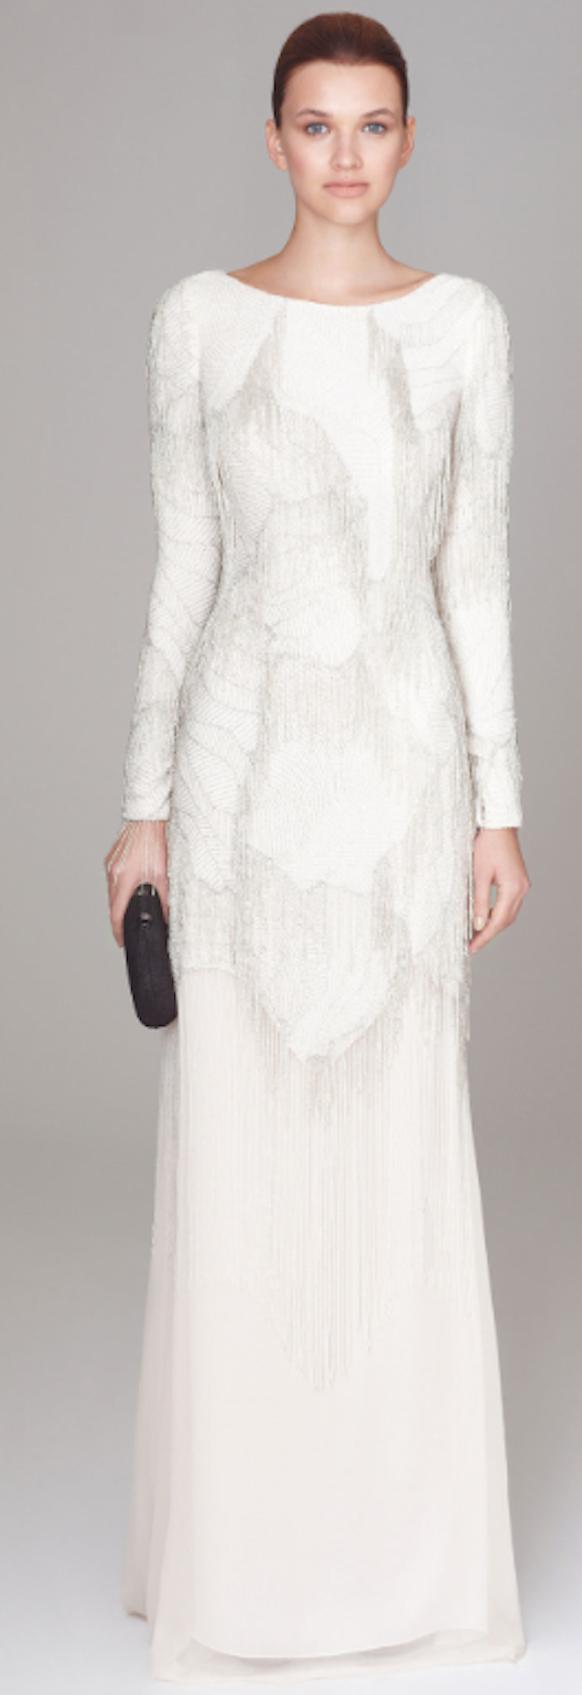 Dress by Halston